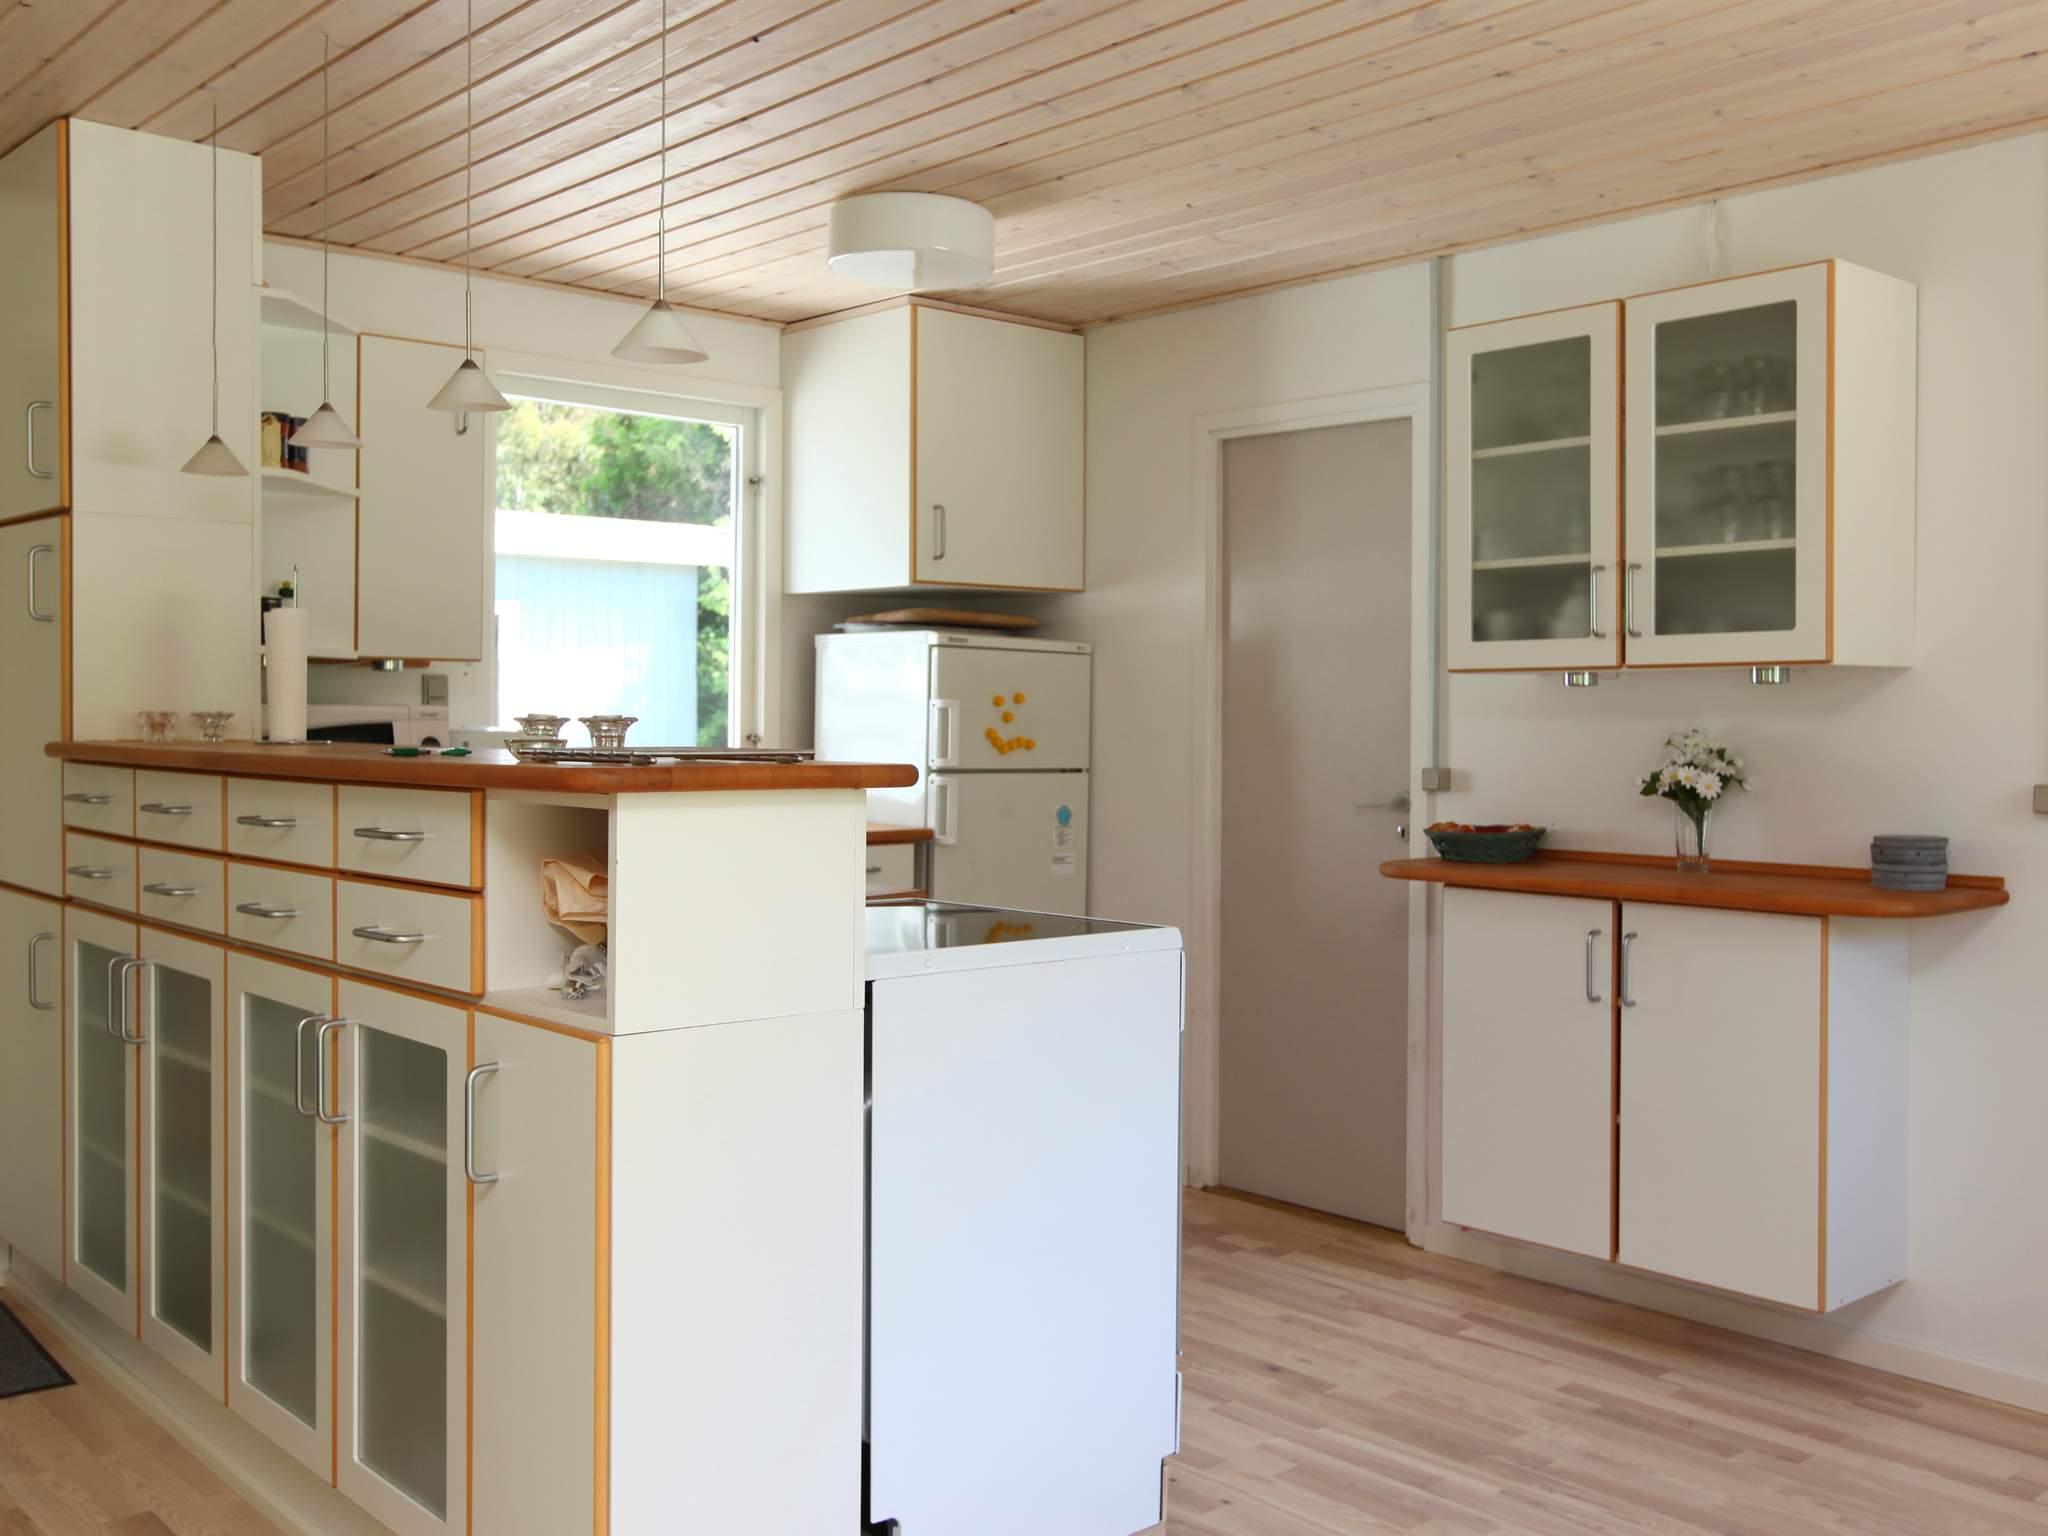 Ferienhaus Hummingen (89267), Hummingen, , Lolland, Dänemark, Bild 3